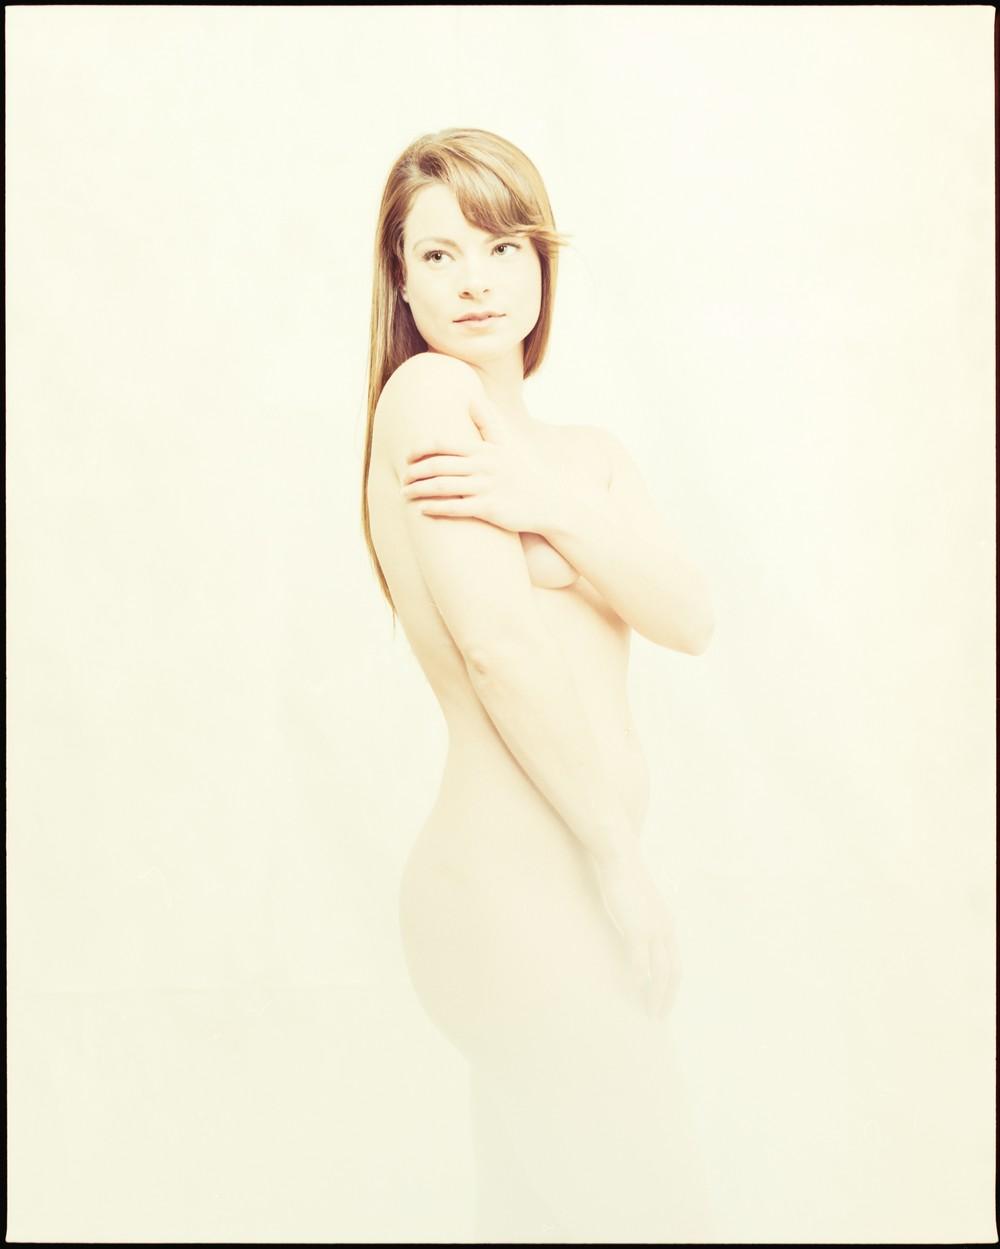 Красивые фото обнаженных девушек от Майка Стейси